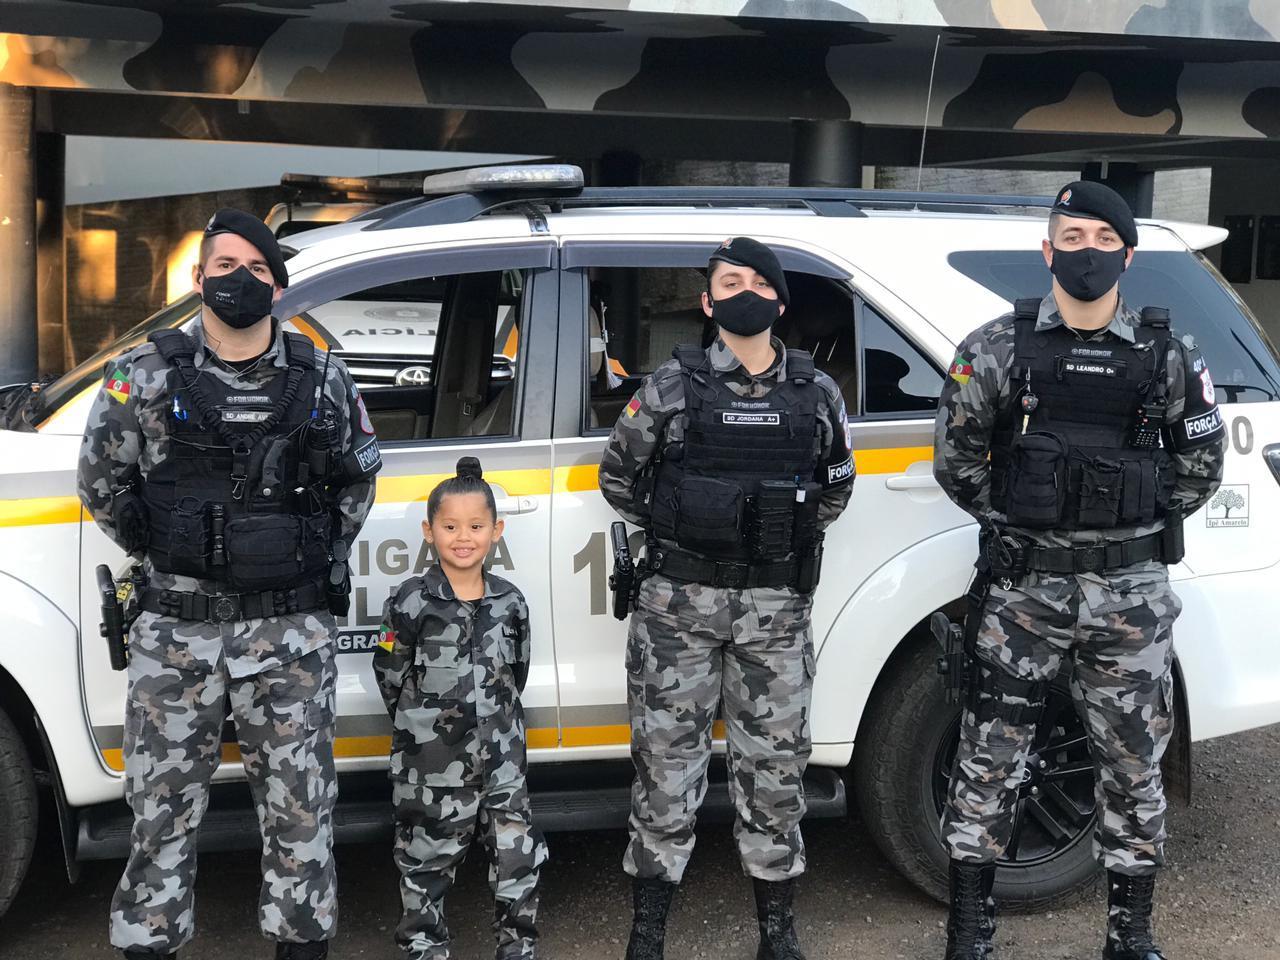 Presente de aniversário: Menina de 5 anos conhece Brigada Militar